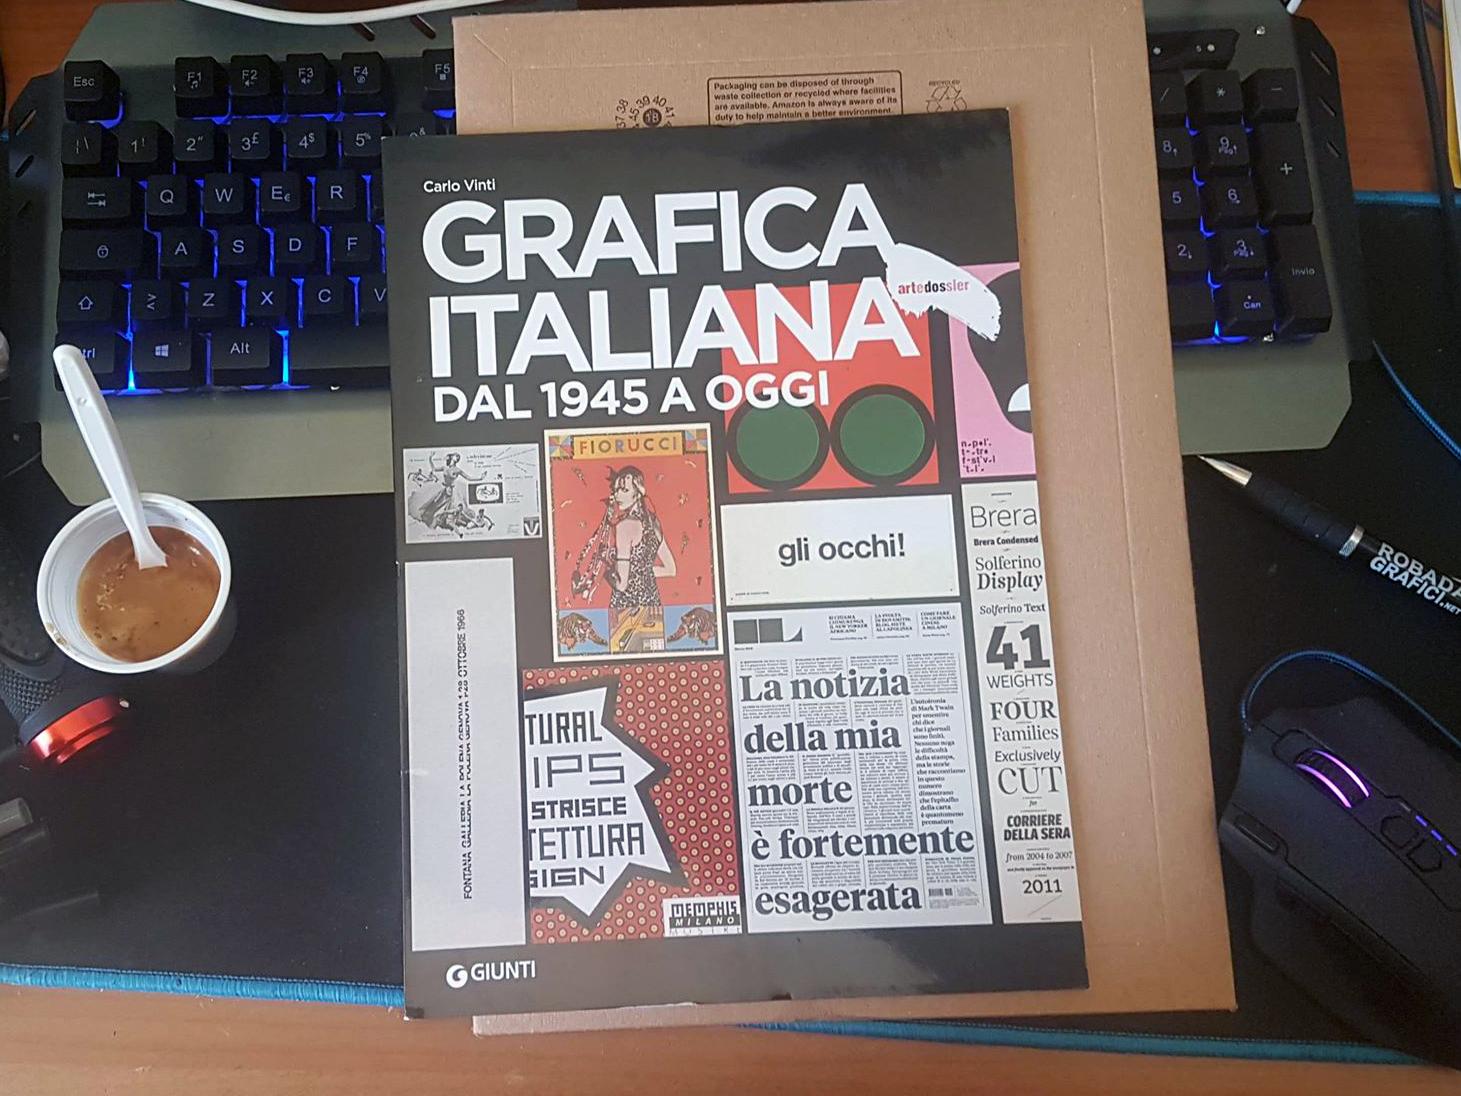 54018081_441204733316343_2668305555705036800_n Grafica Italiana dal 1945 ad oggi